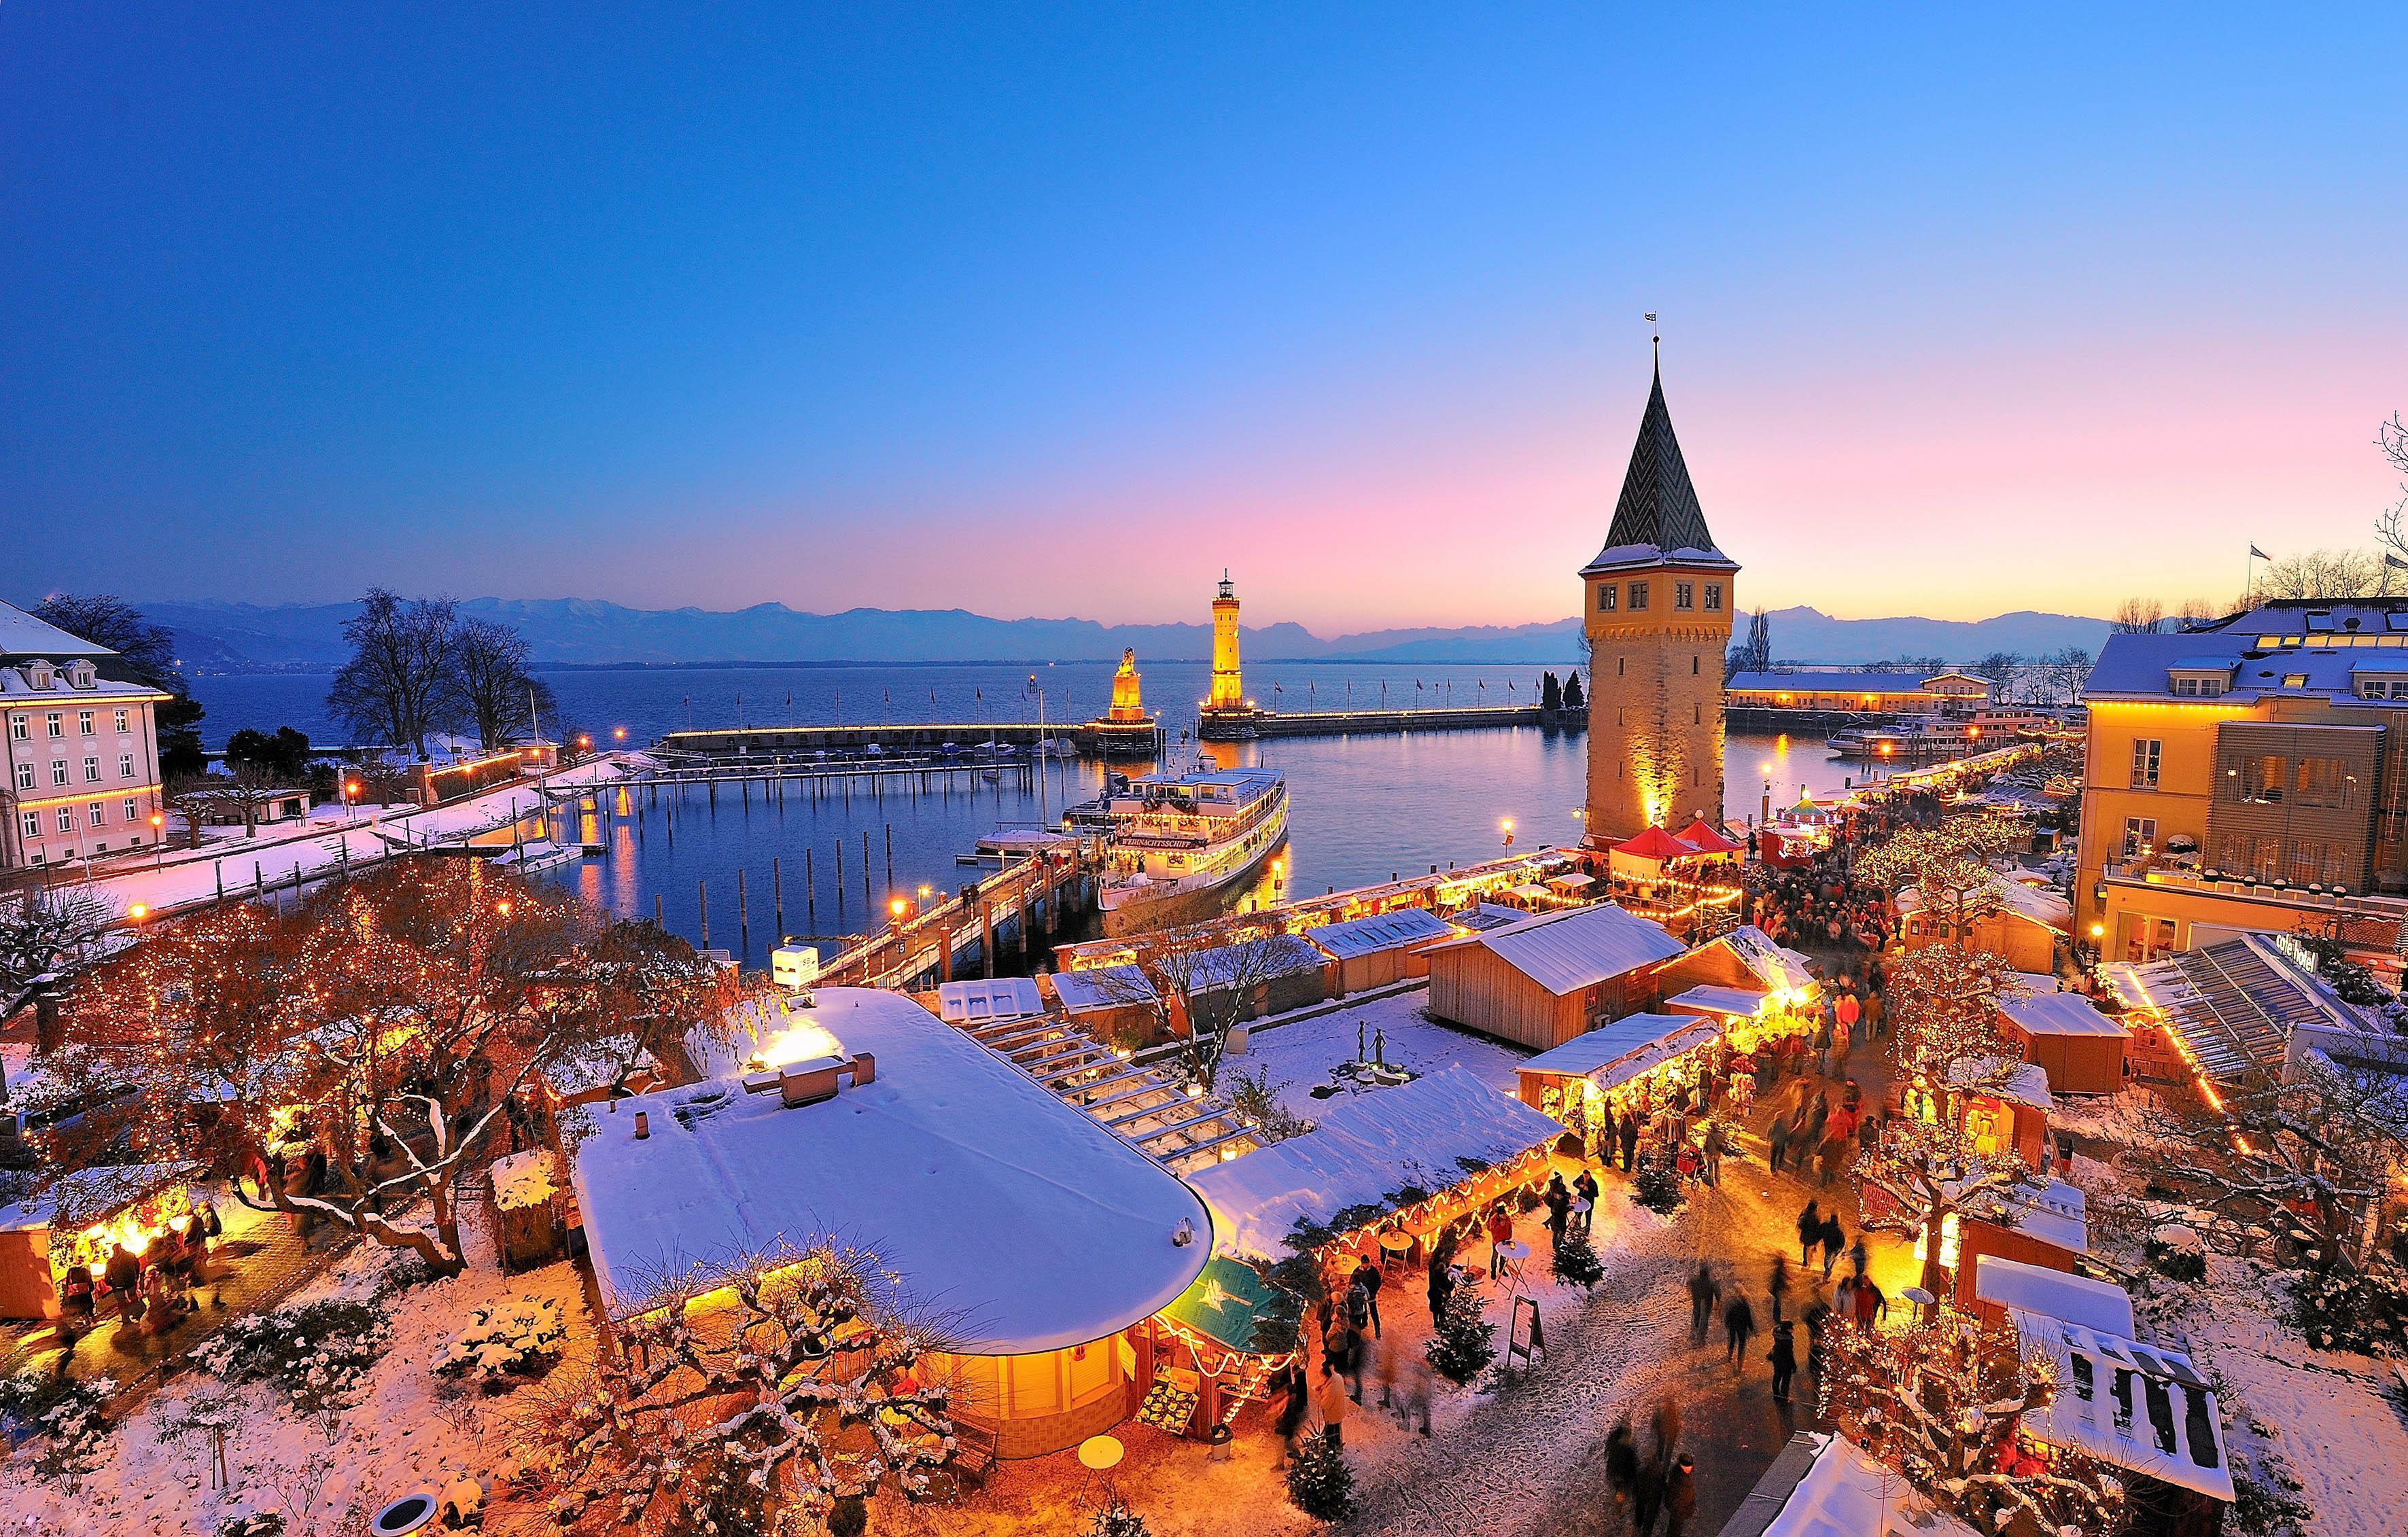 Weihnachtsmarkt 2019: Fünf besondere Weihnachtsmärkte